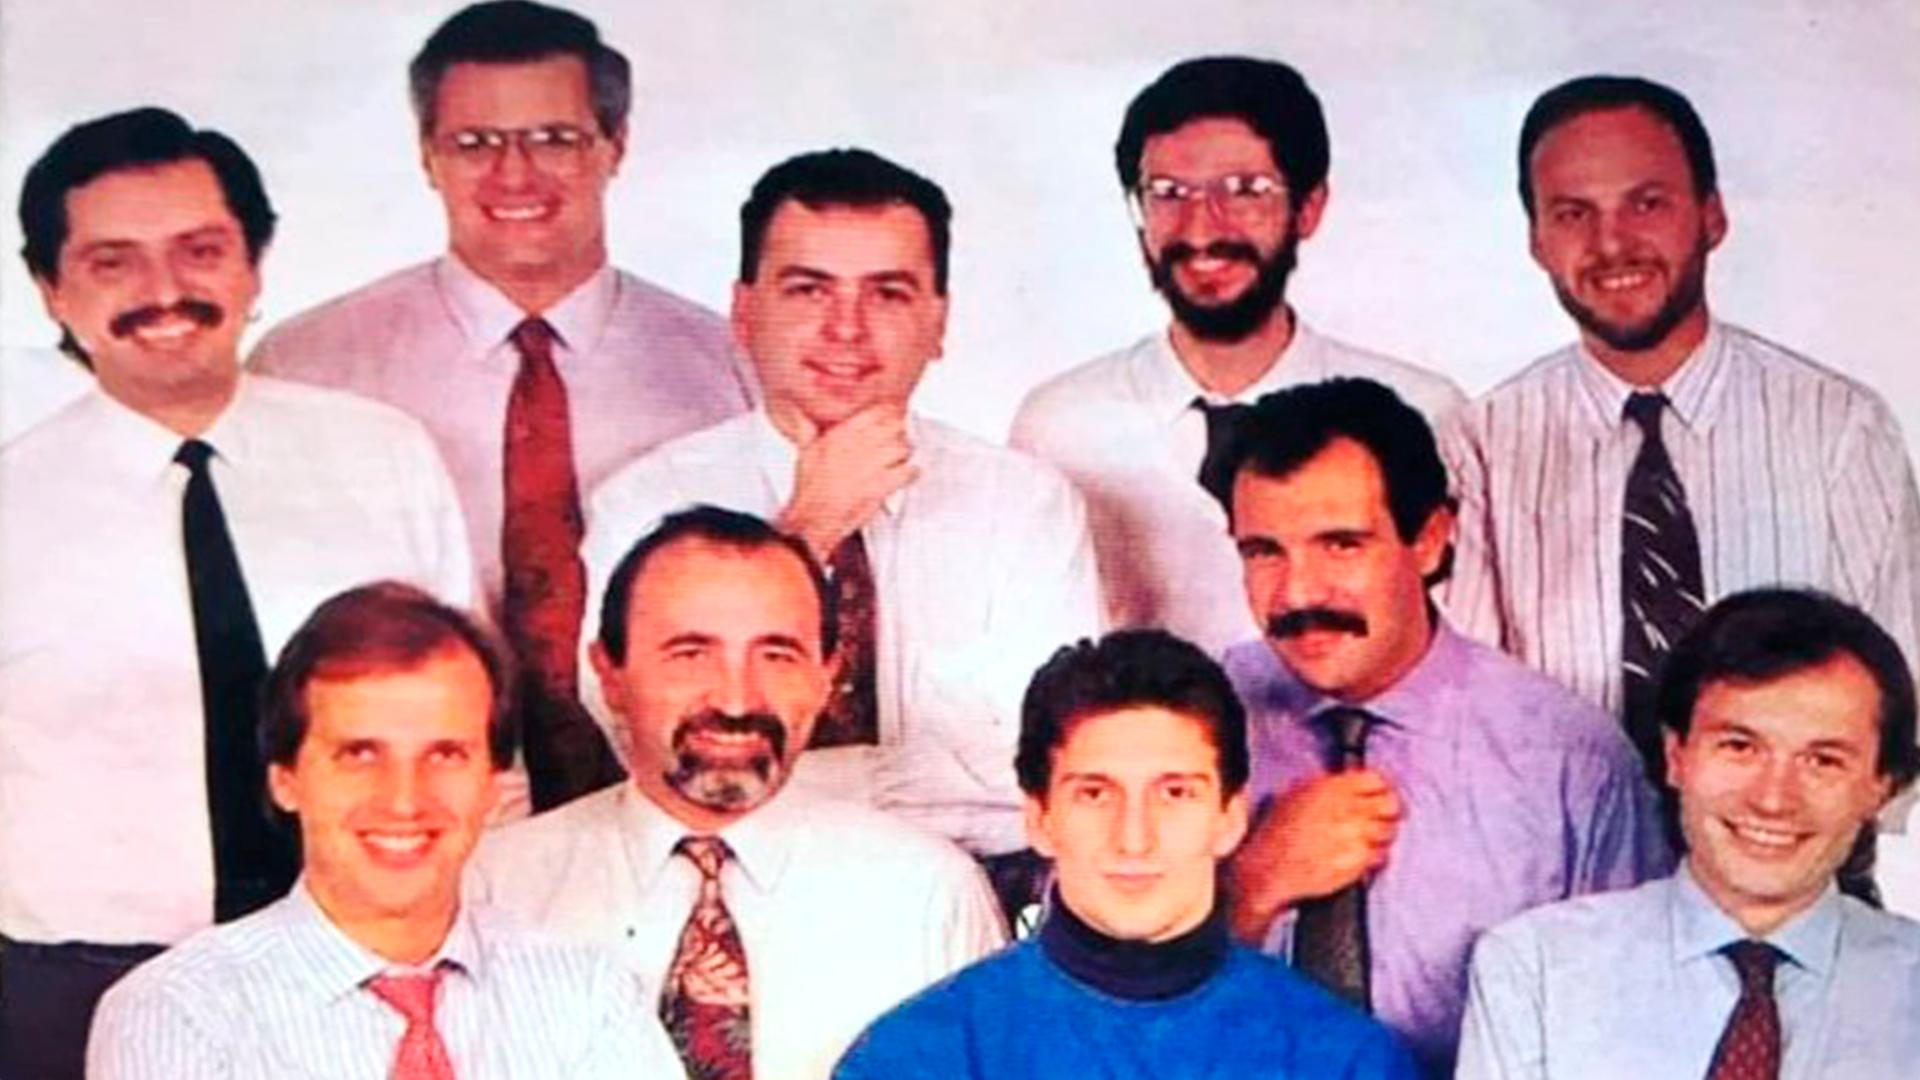 En 1992 fue destacado como uno de los 10 jóvenes sobresalientes de la Argentina por la Cámara Junior de Buenos Aires por haber sido artífice de la desregulación de la actividad aseguradora. Como artífice de la desregulación de la actividad aseguradora. En la foto, junto a otros jóvenes premiados, el dirigente Gustavo Béliz, el conomista Martín Redrado, el periodista Daniel Hadad y el bailarín Julio Bocca.